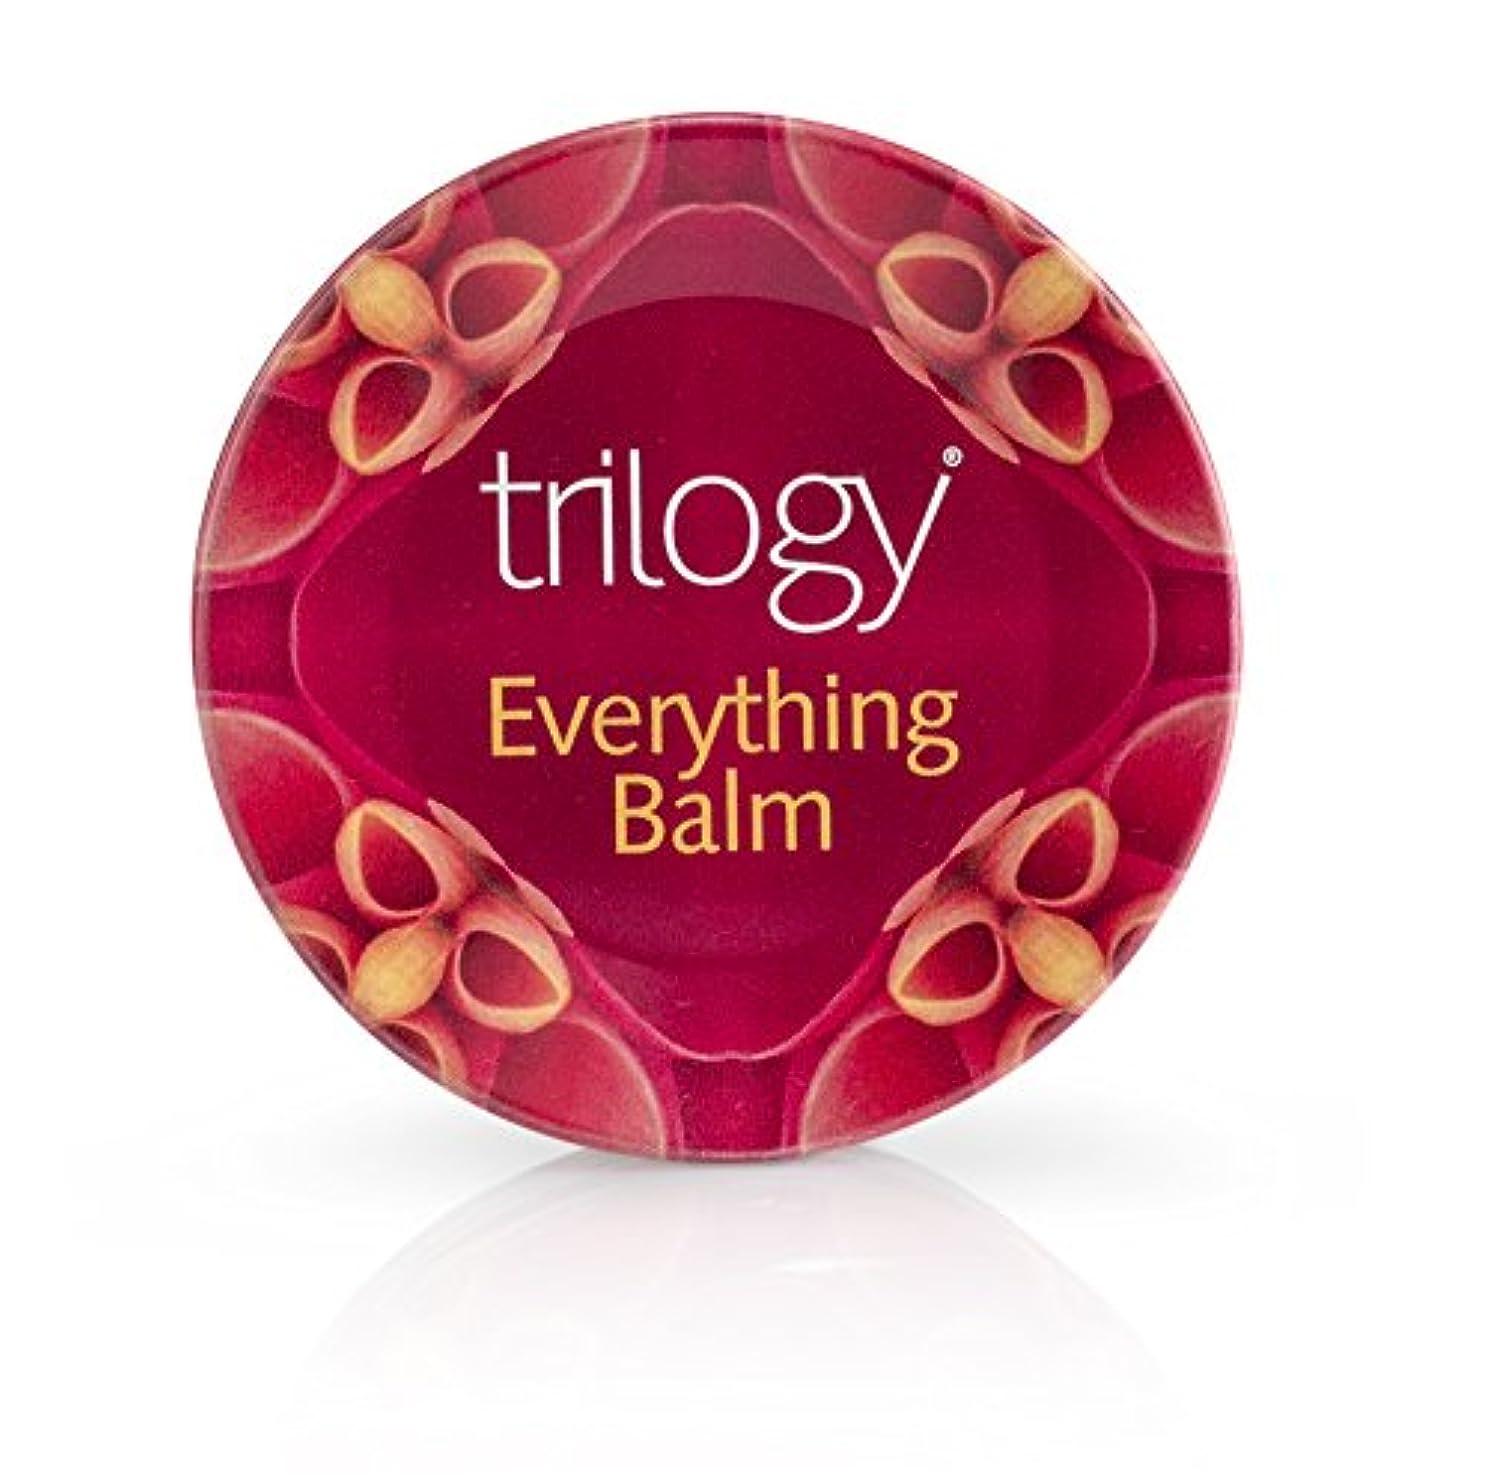 バトル賢明なきらきらトリロジー(trilogy) エブリシング バーム 〈全身用バーム〉 (95mL)